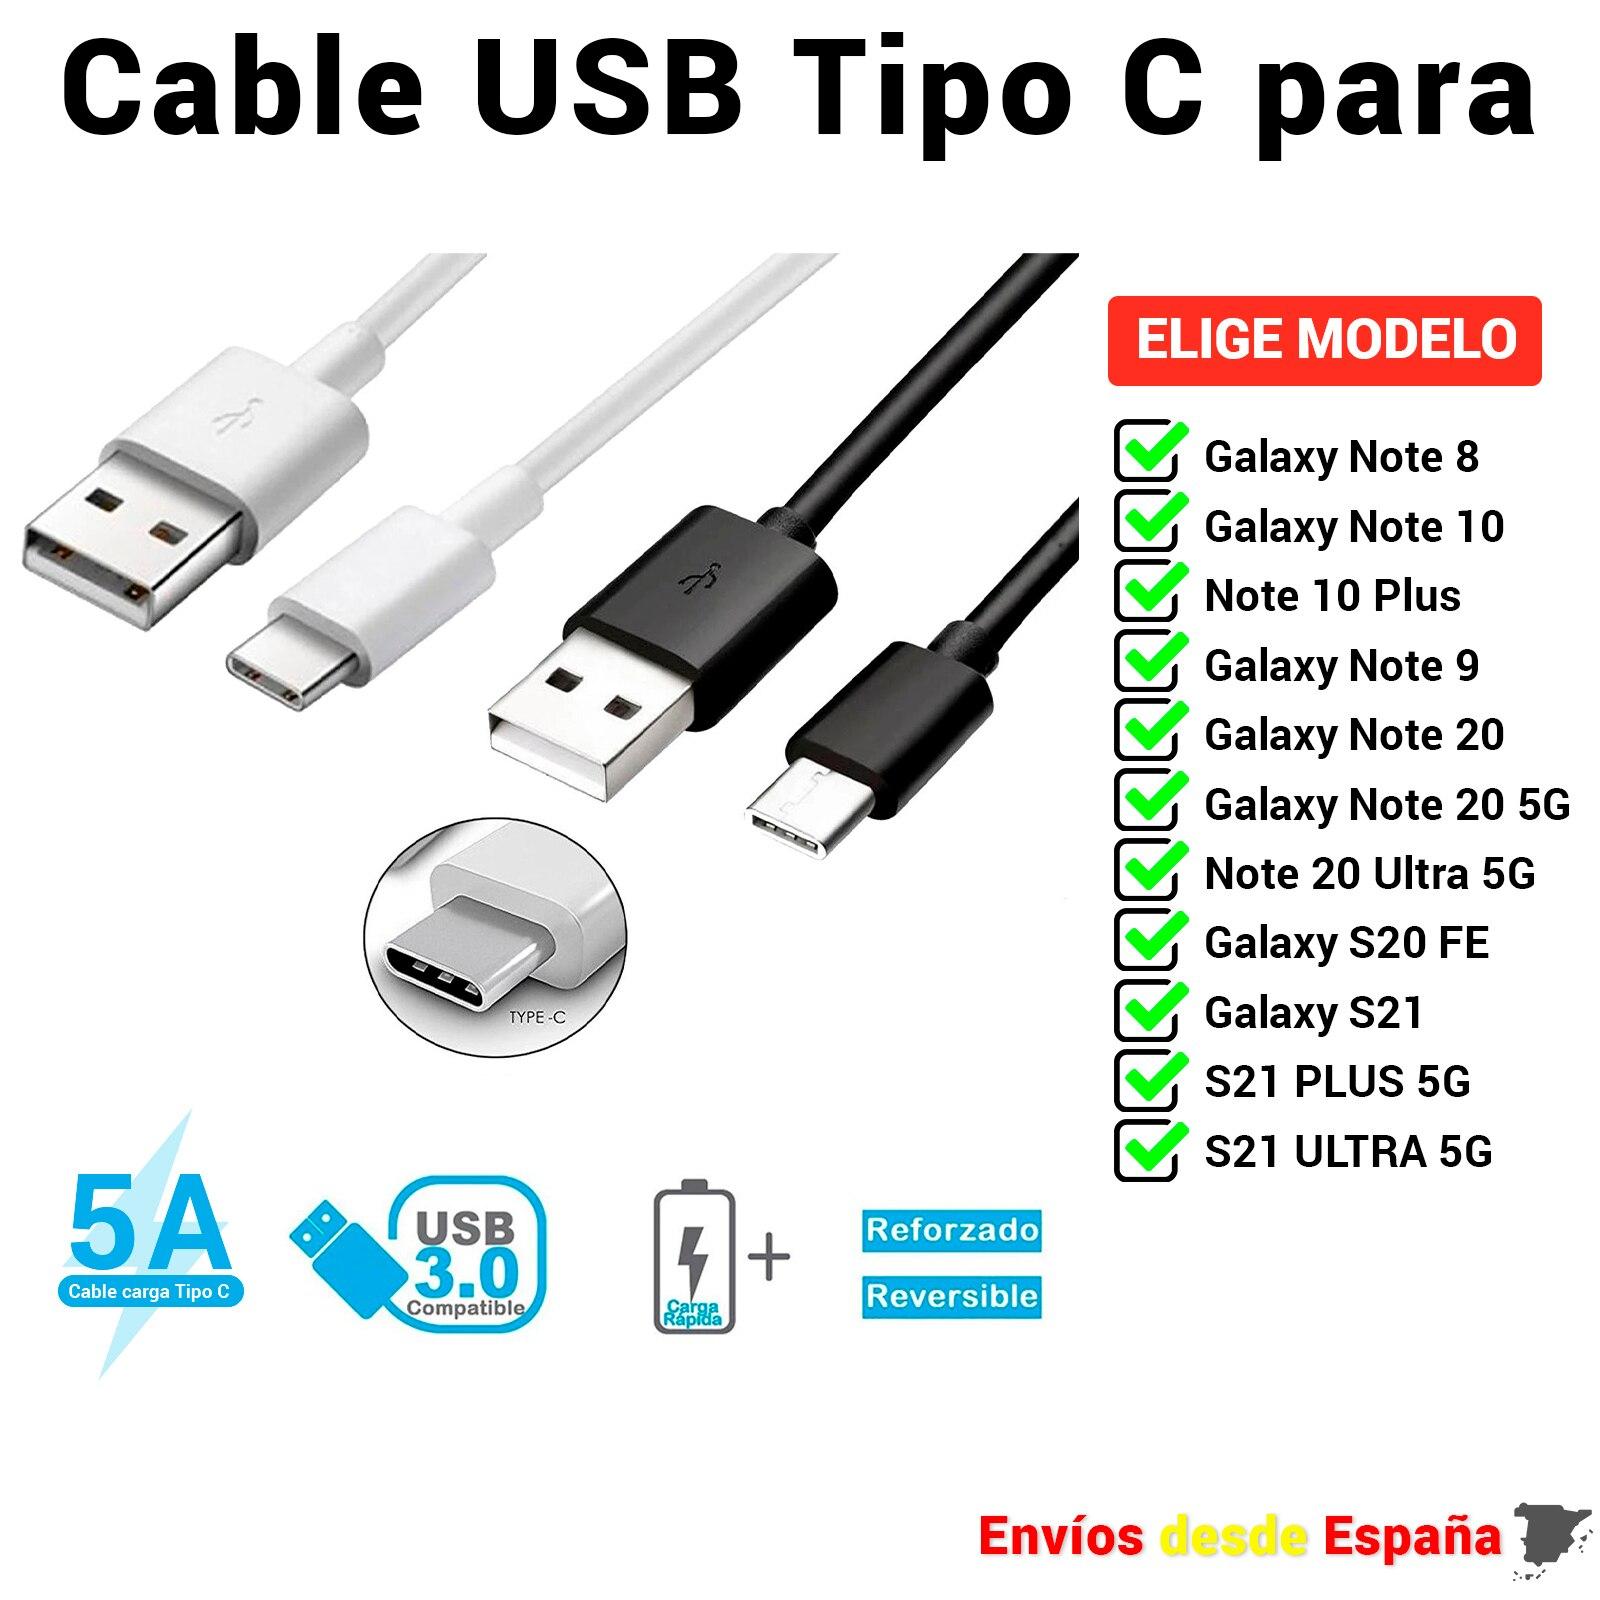 Кабель с разъемом USB типа C USB кабель для Samsung Galaxy Note 8 10 20 5G S21 S20 плюс. Для быстрой зарядки и мобильных данных 1 метр и 2 метра